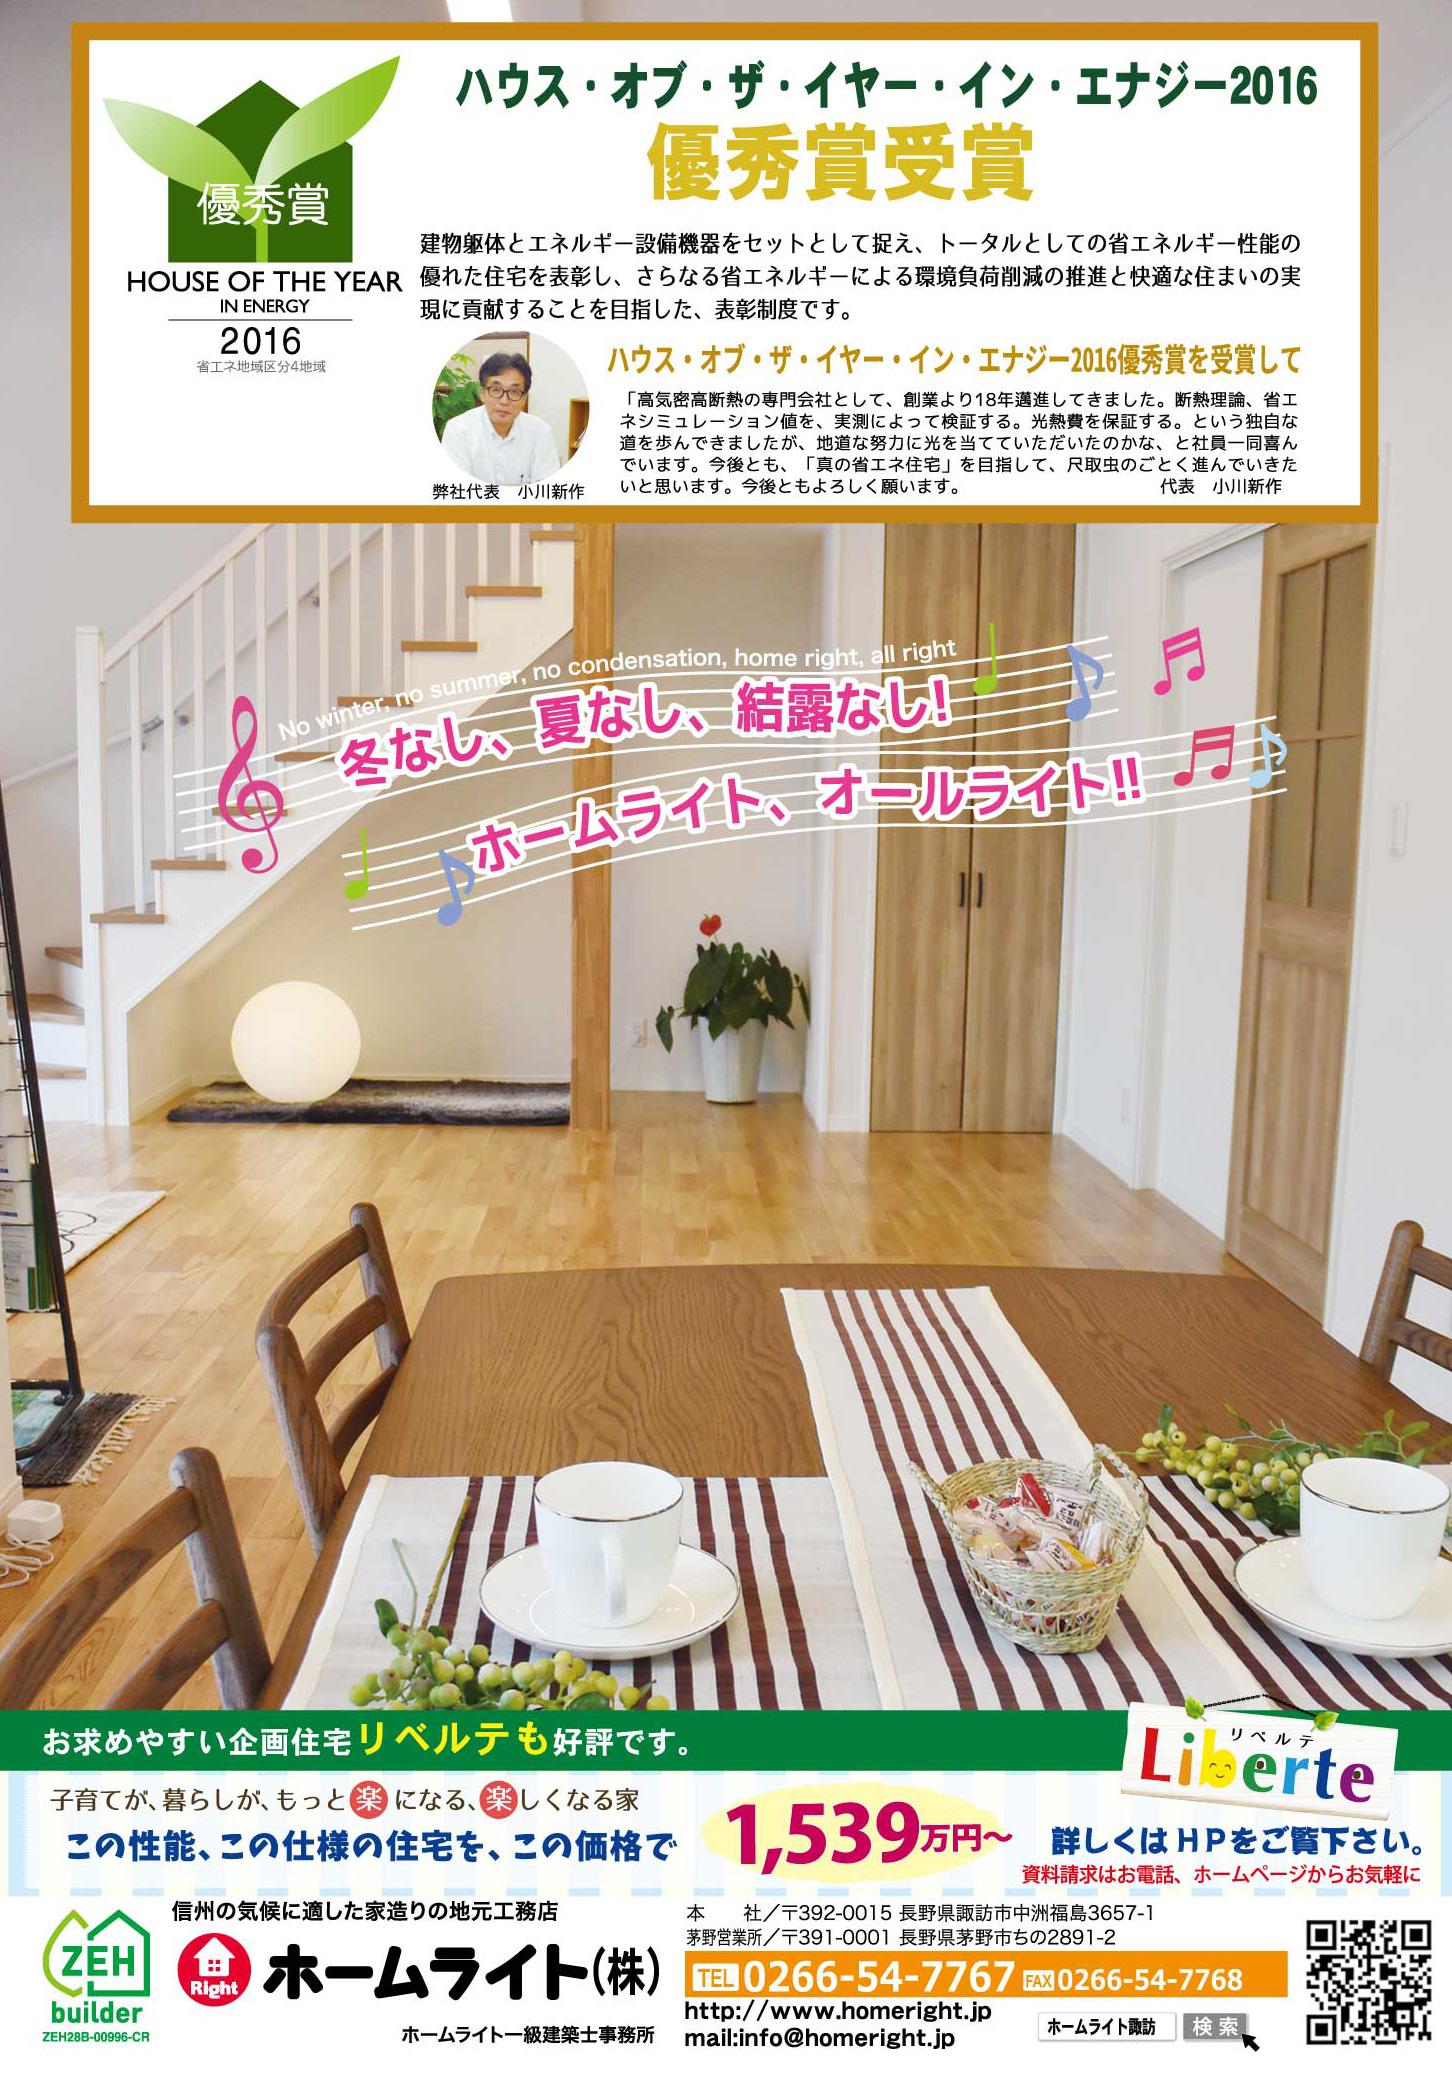 ホームライト様展示用B2ポスターできました。